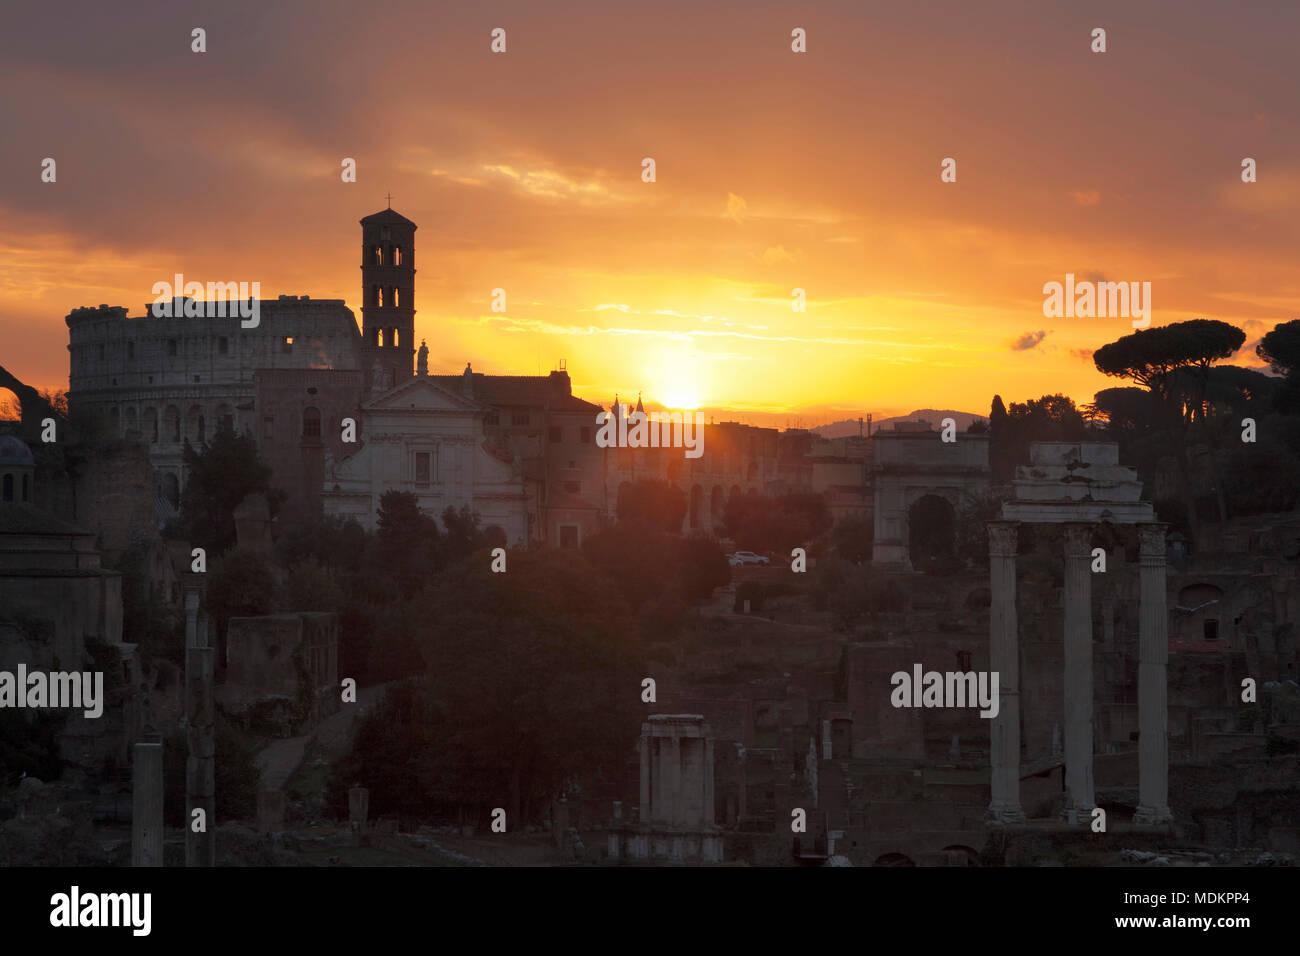 View over the Roman Forum to the Colosseum at sunrise, Foro Romano, Rome, Lazio, Italy - Stock Image